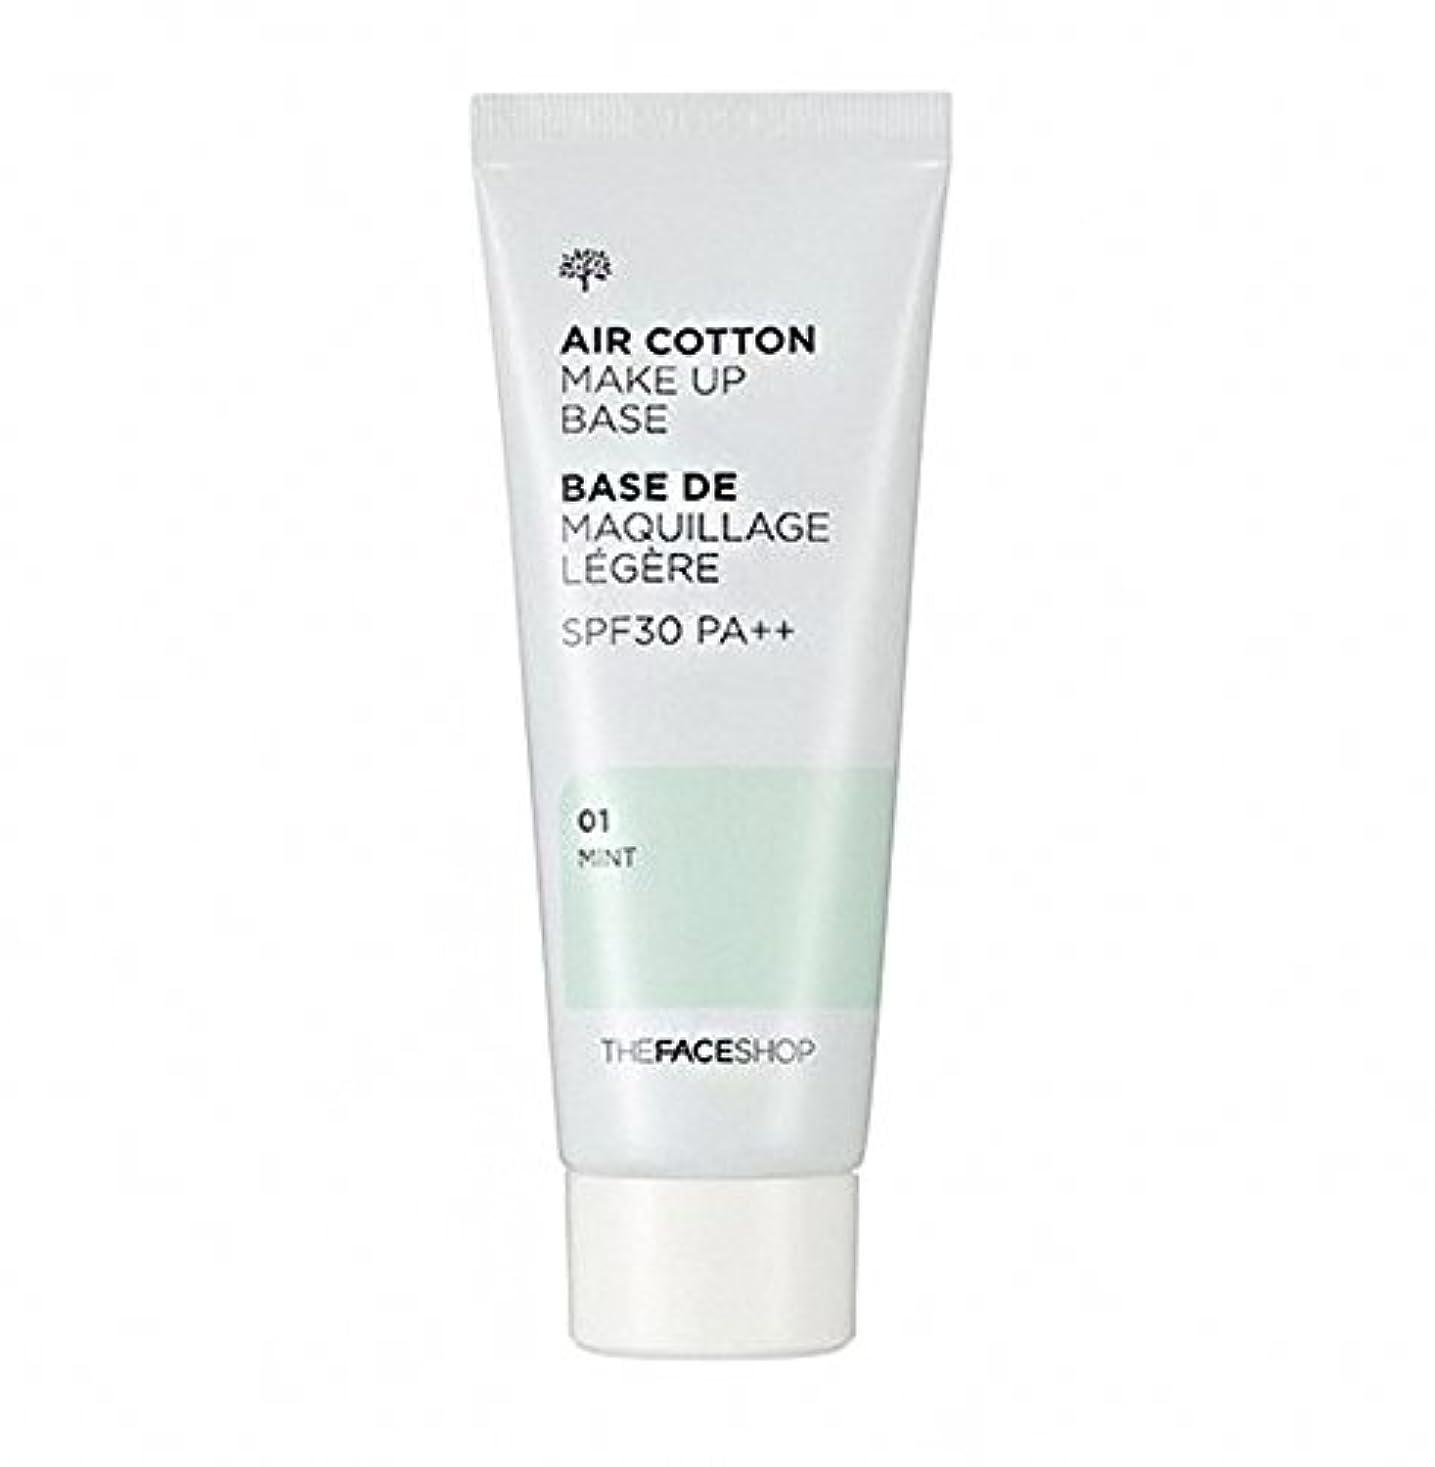 援助連結する摂動ザ·フェイスショップ The Face Shop エアコットン メーキャップ ベース 40ml(01 ミント) The Face Shop air Cotton Makeup Base 40ml(01 Mint) [海外直送品]